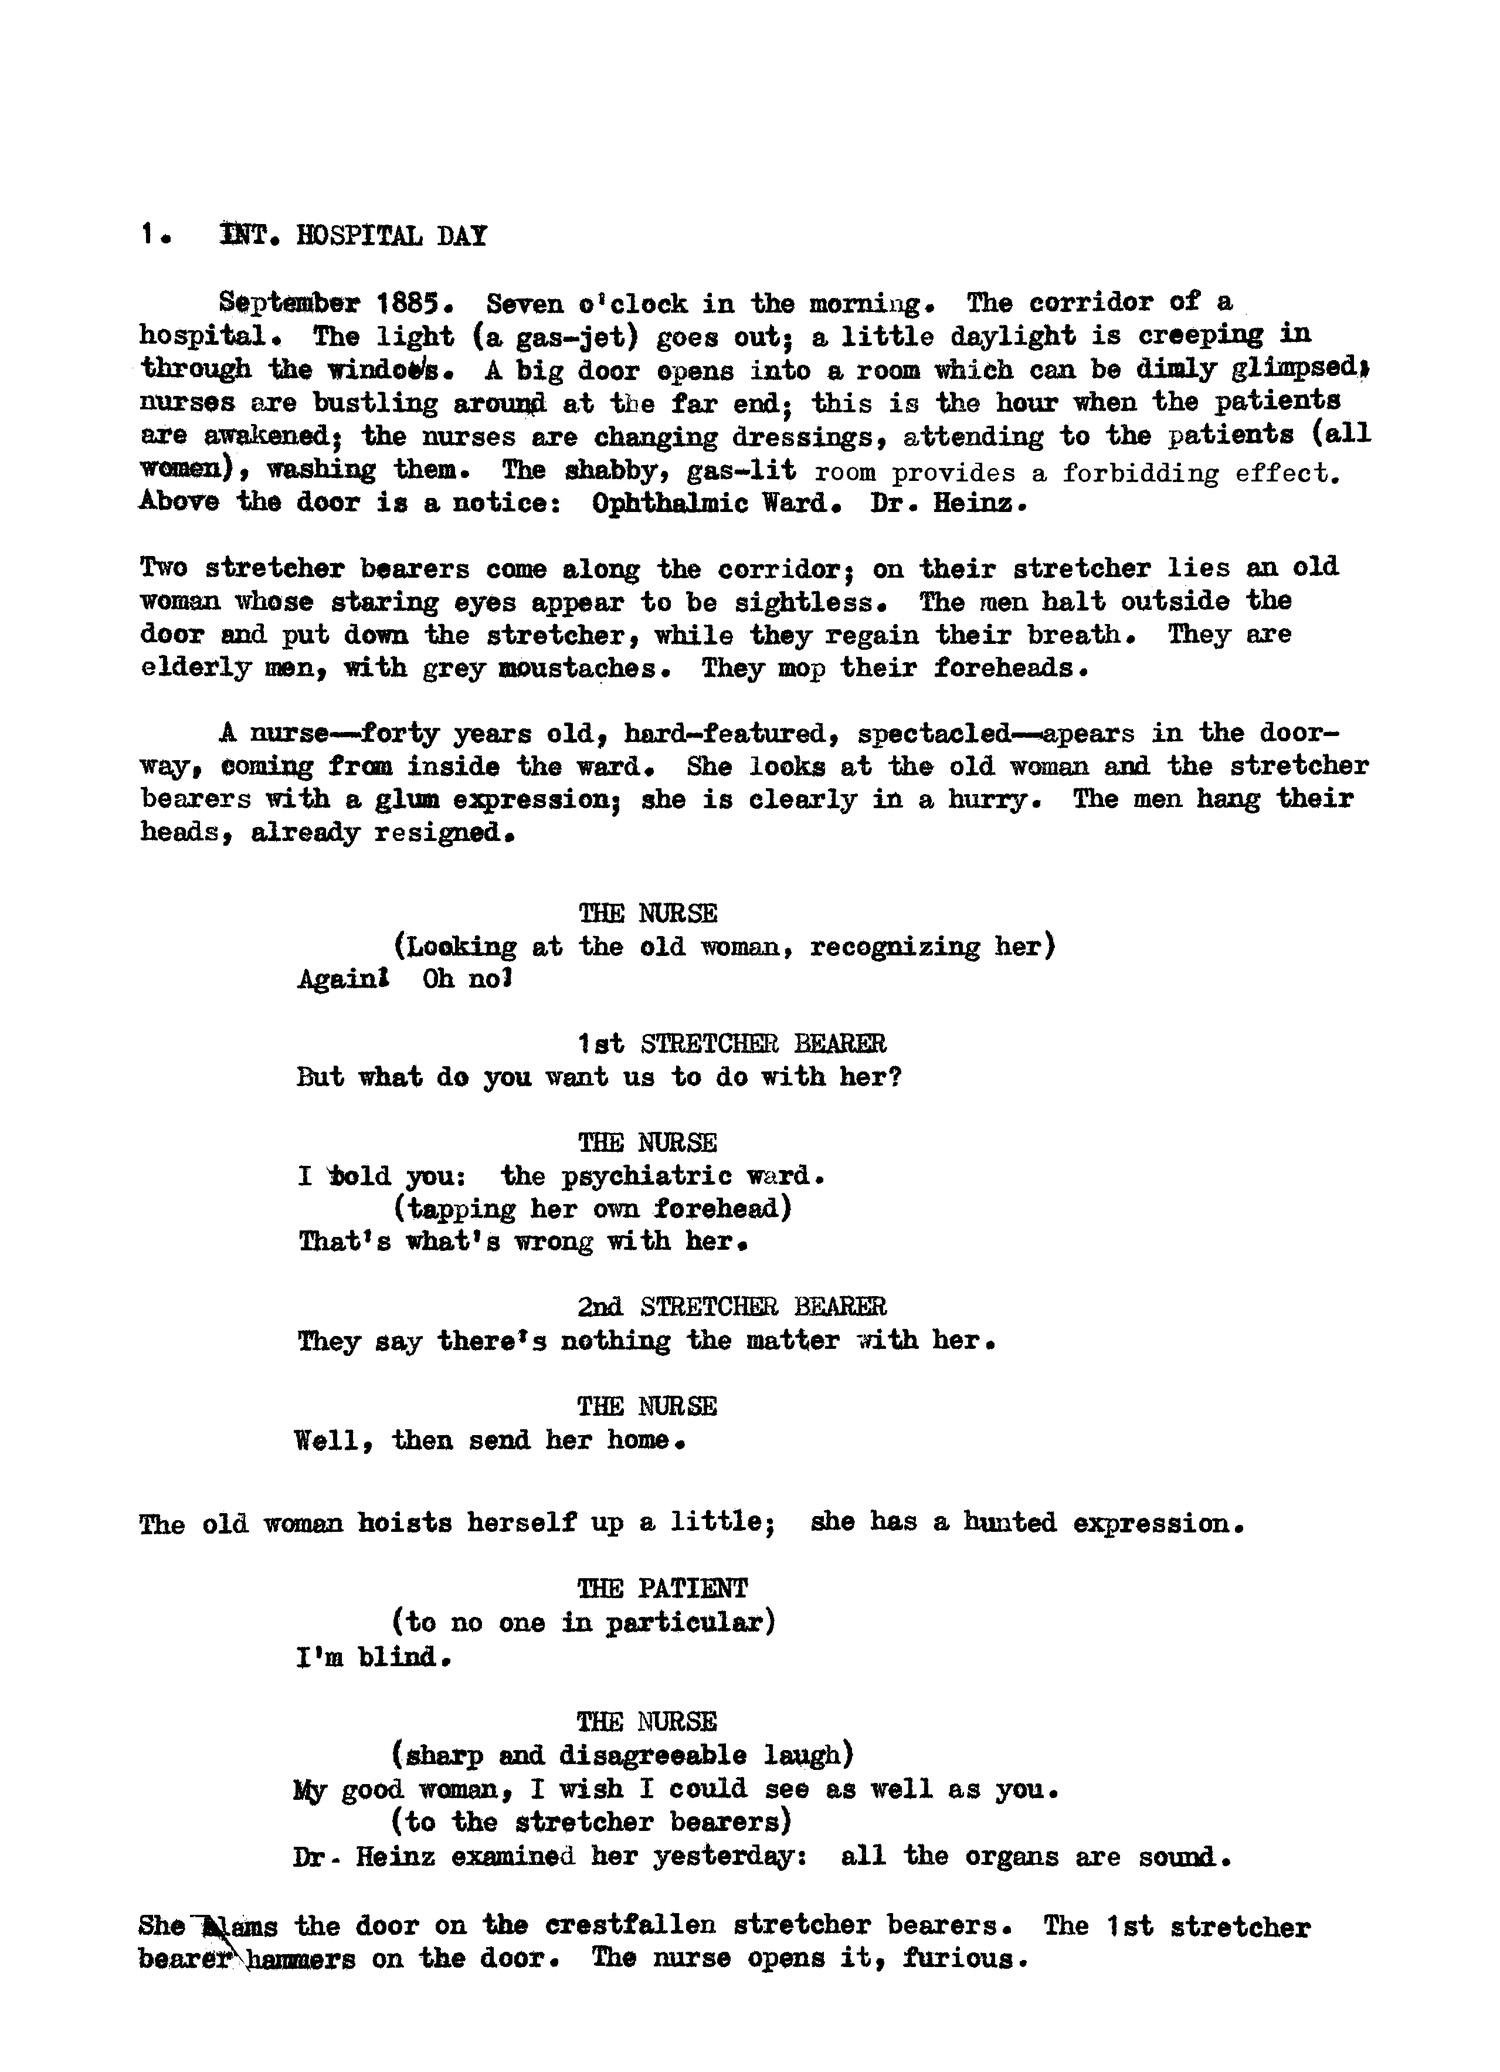 Image of Script